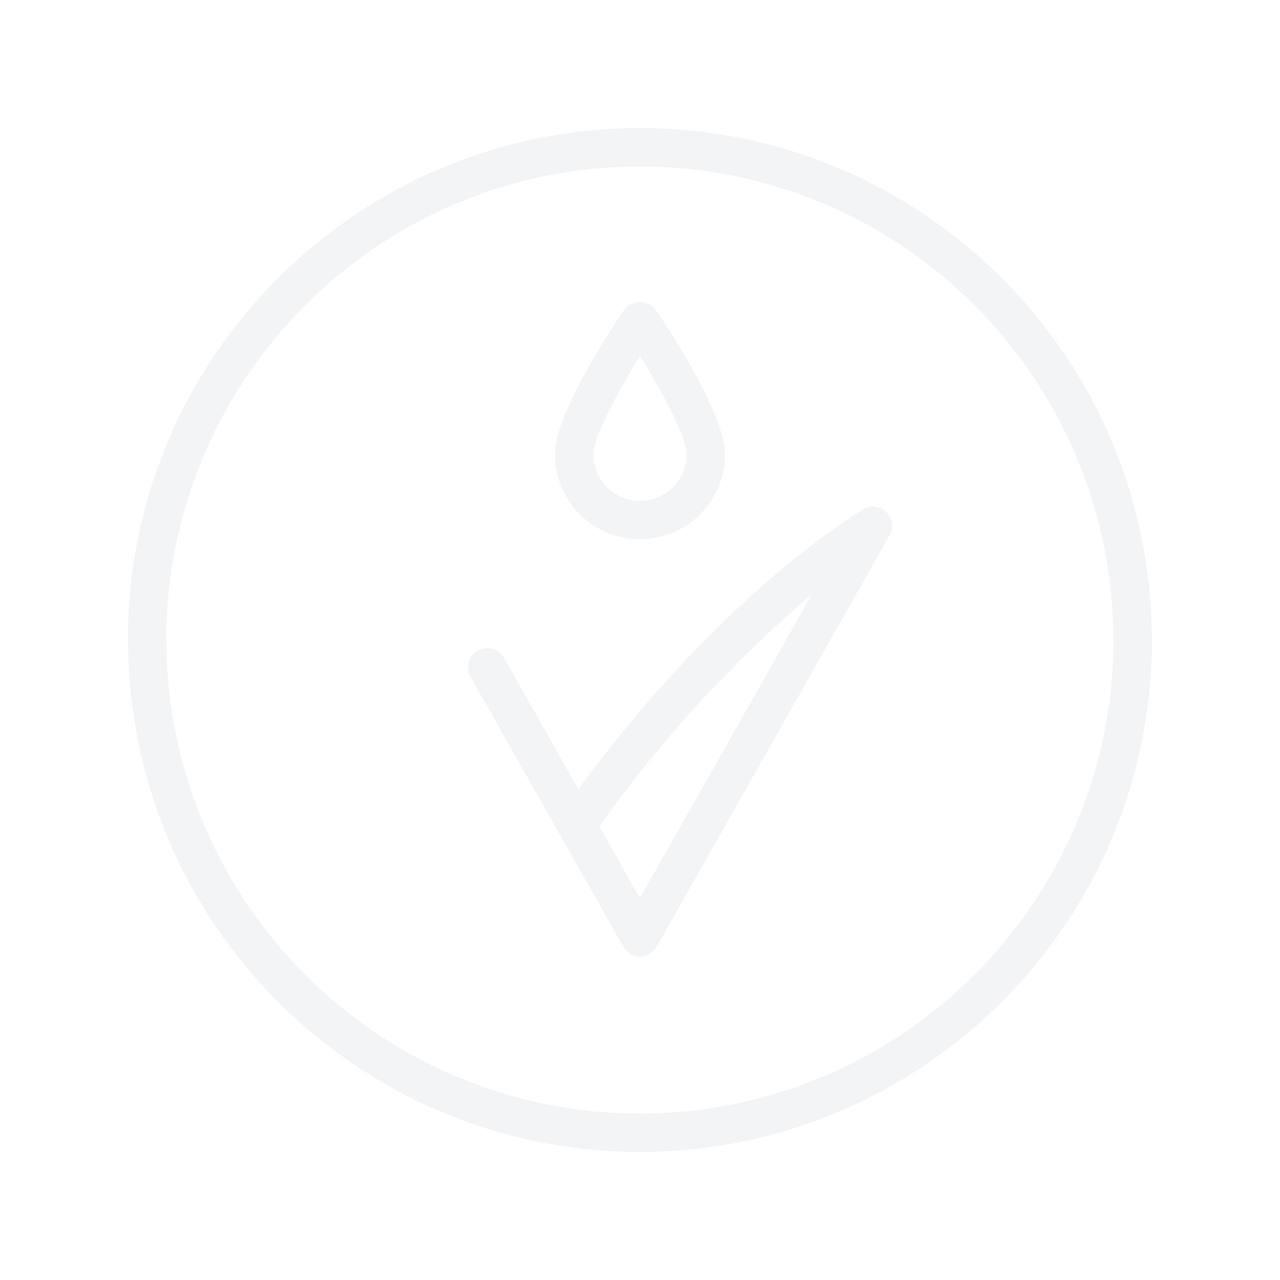 L'OREAL PROFESSIONNEL Source Essentielle Nourishing Shampoo 300ml